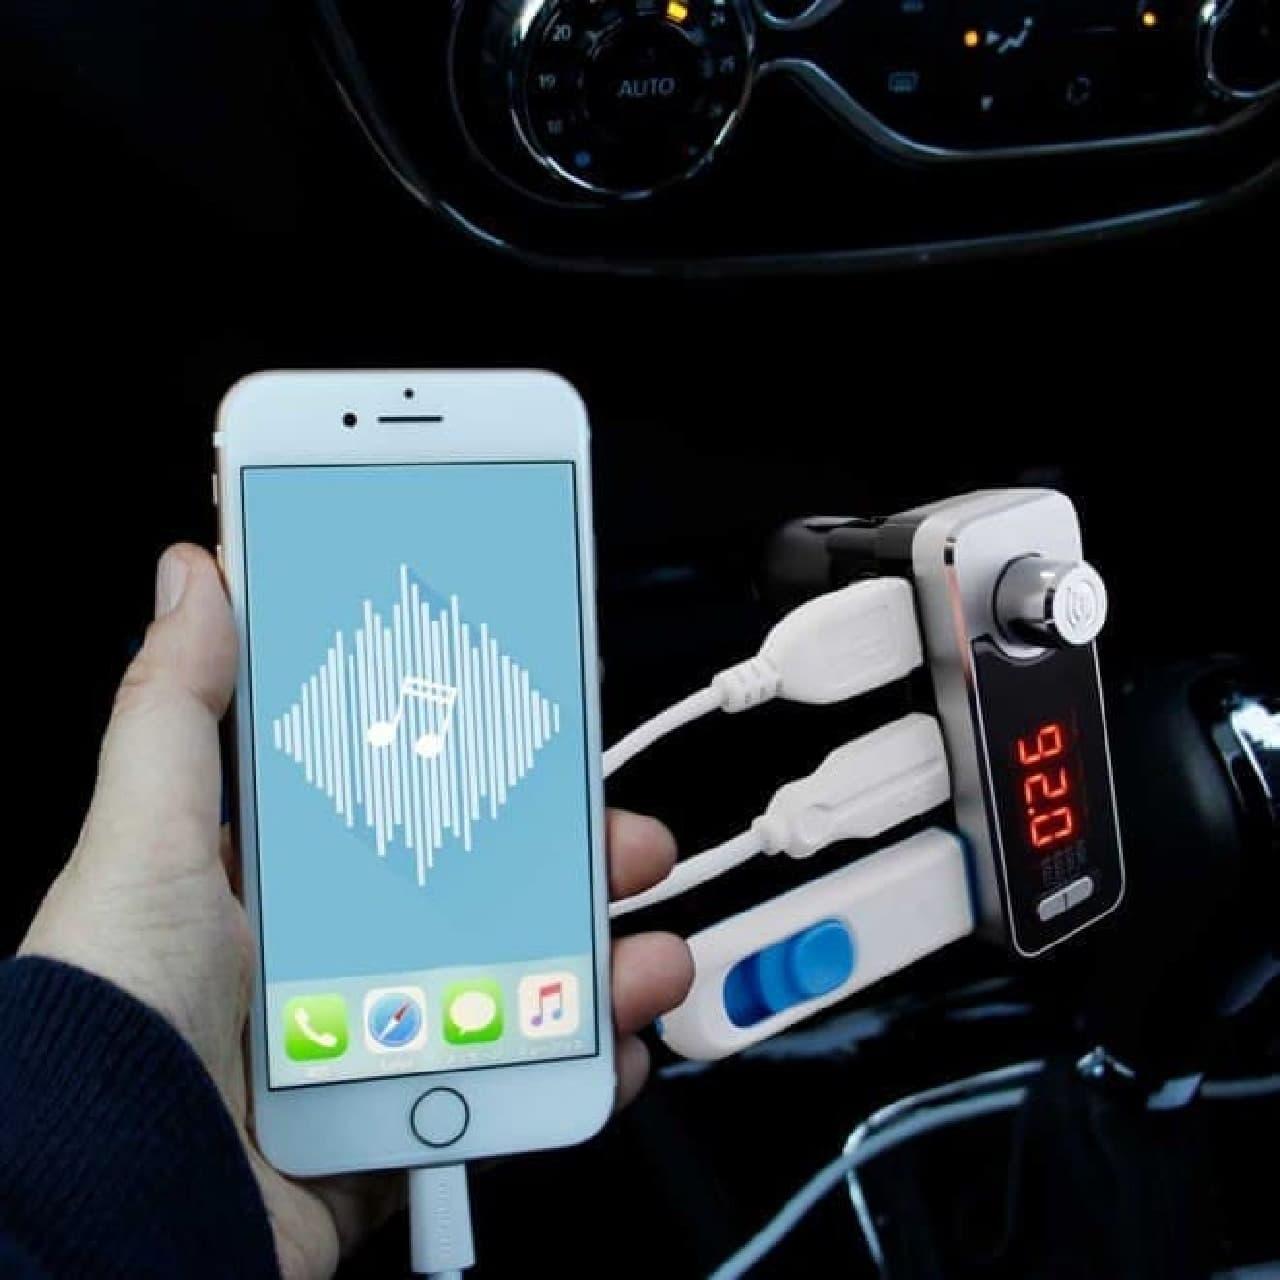 iPhoneの音楽をクルマの中でも楽しめるBluetooth FMトランスミッター